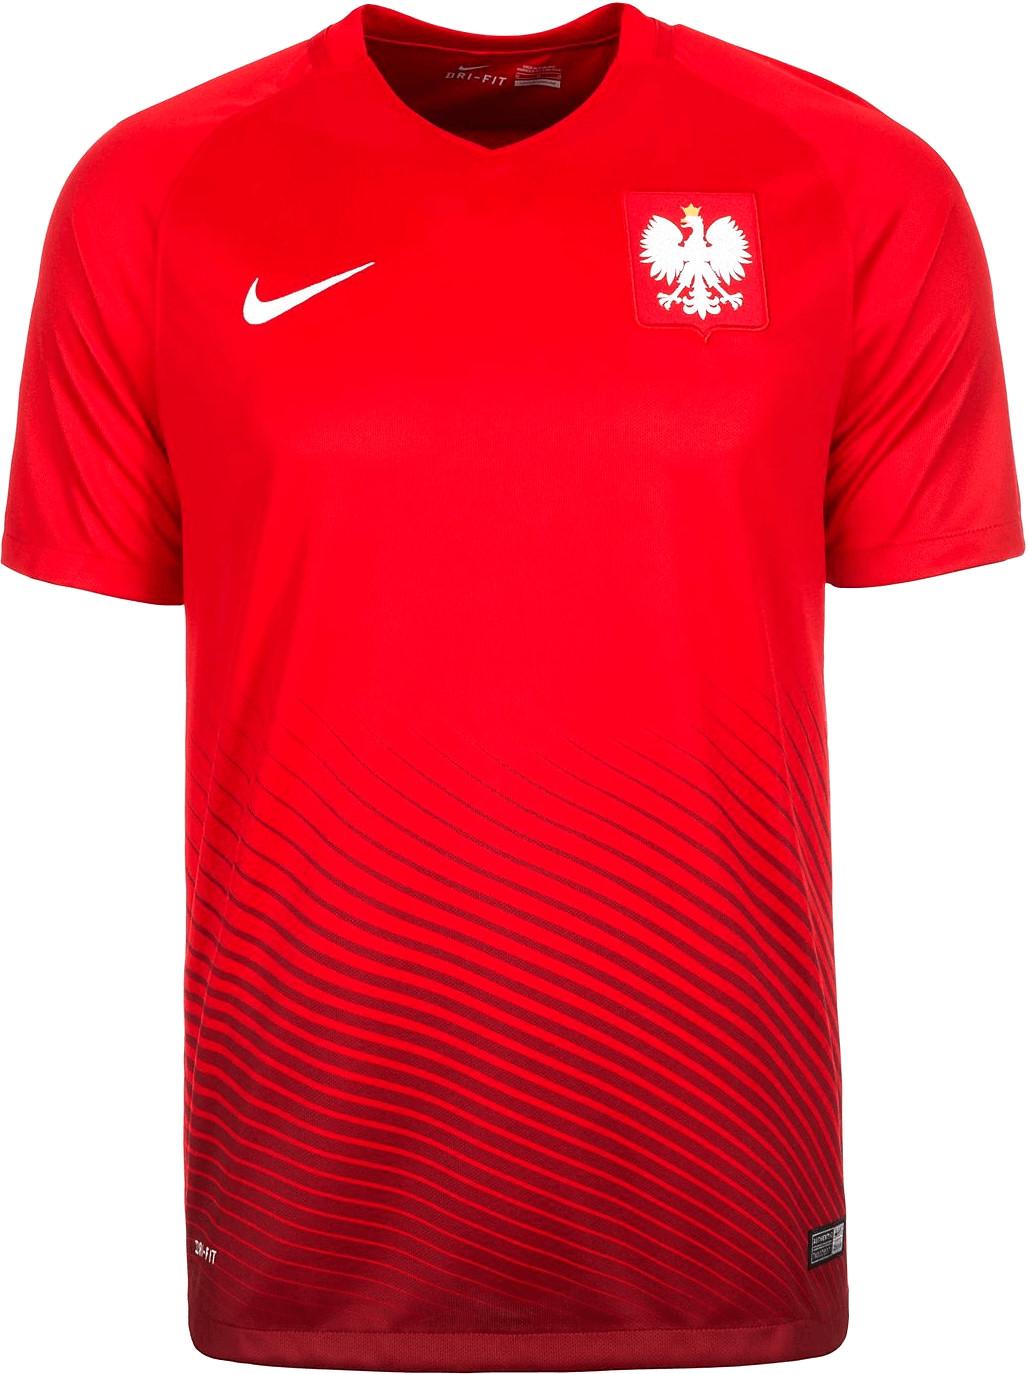 Nike Polen Away Trikot 2015/2016